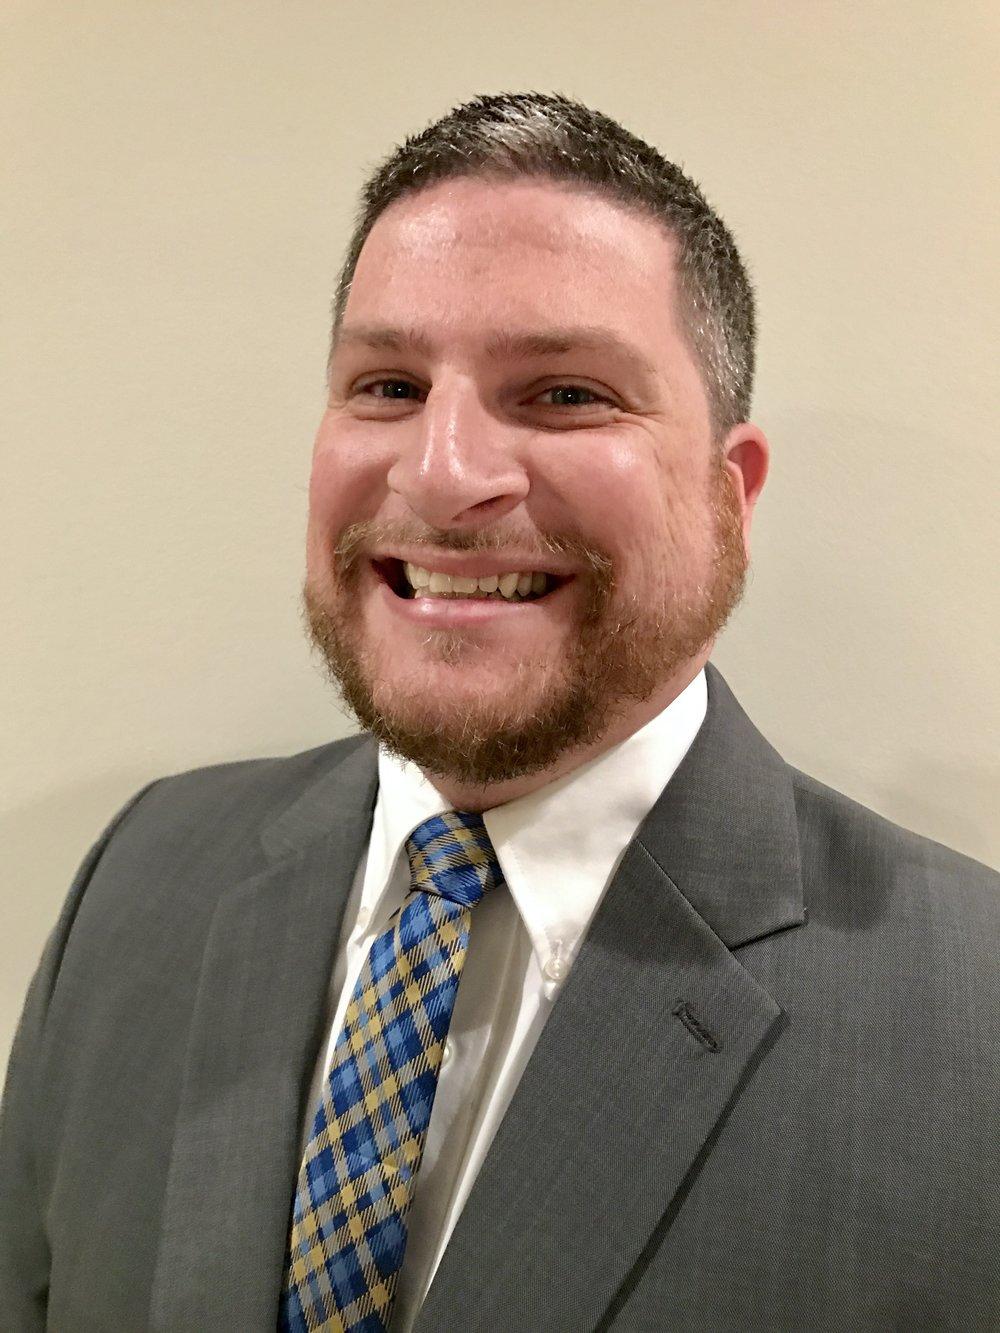 Chris Boyer - Agent / chrisboyer@d2travel.com